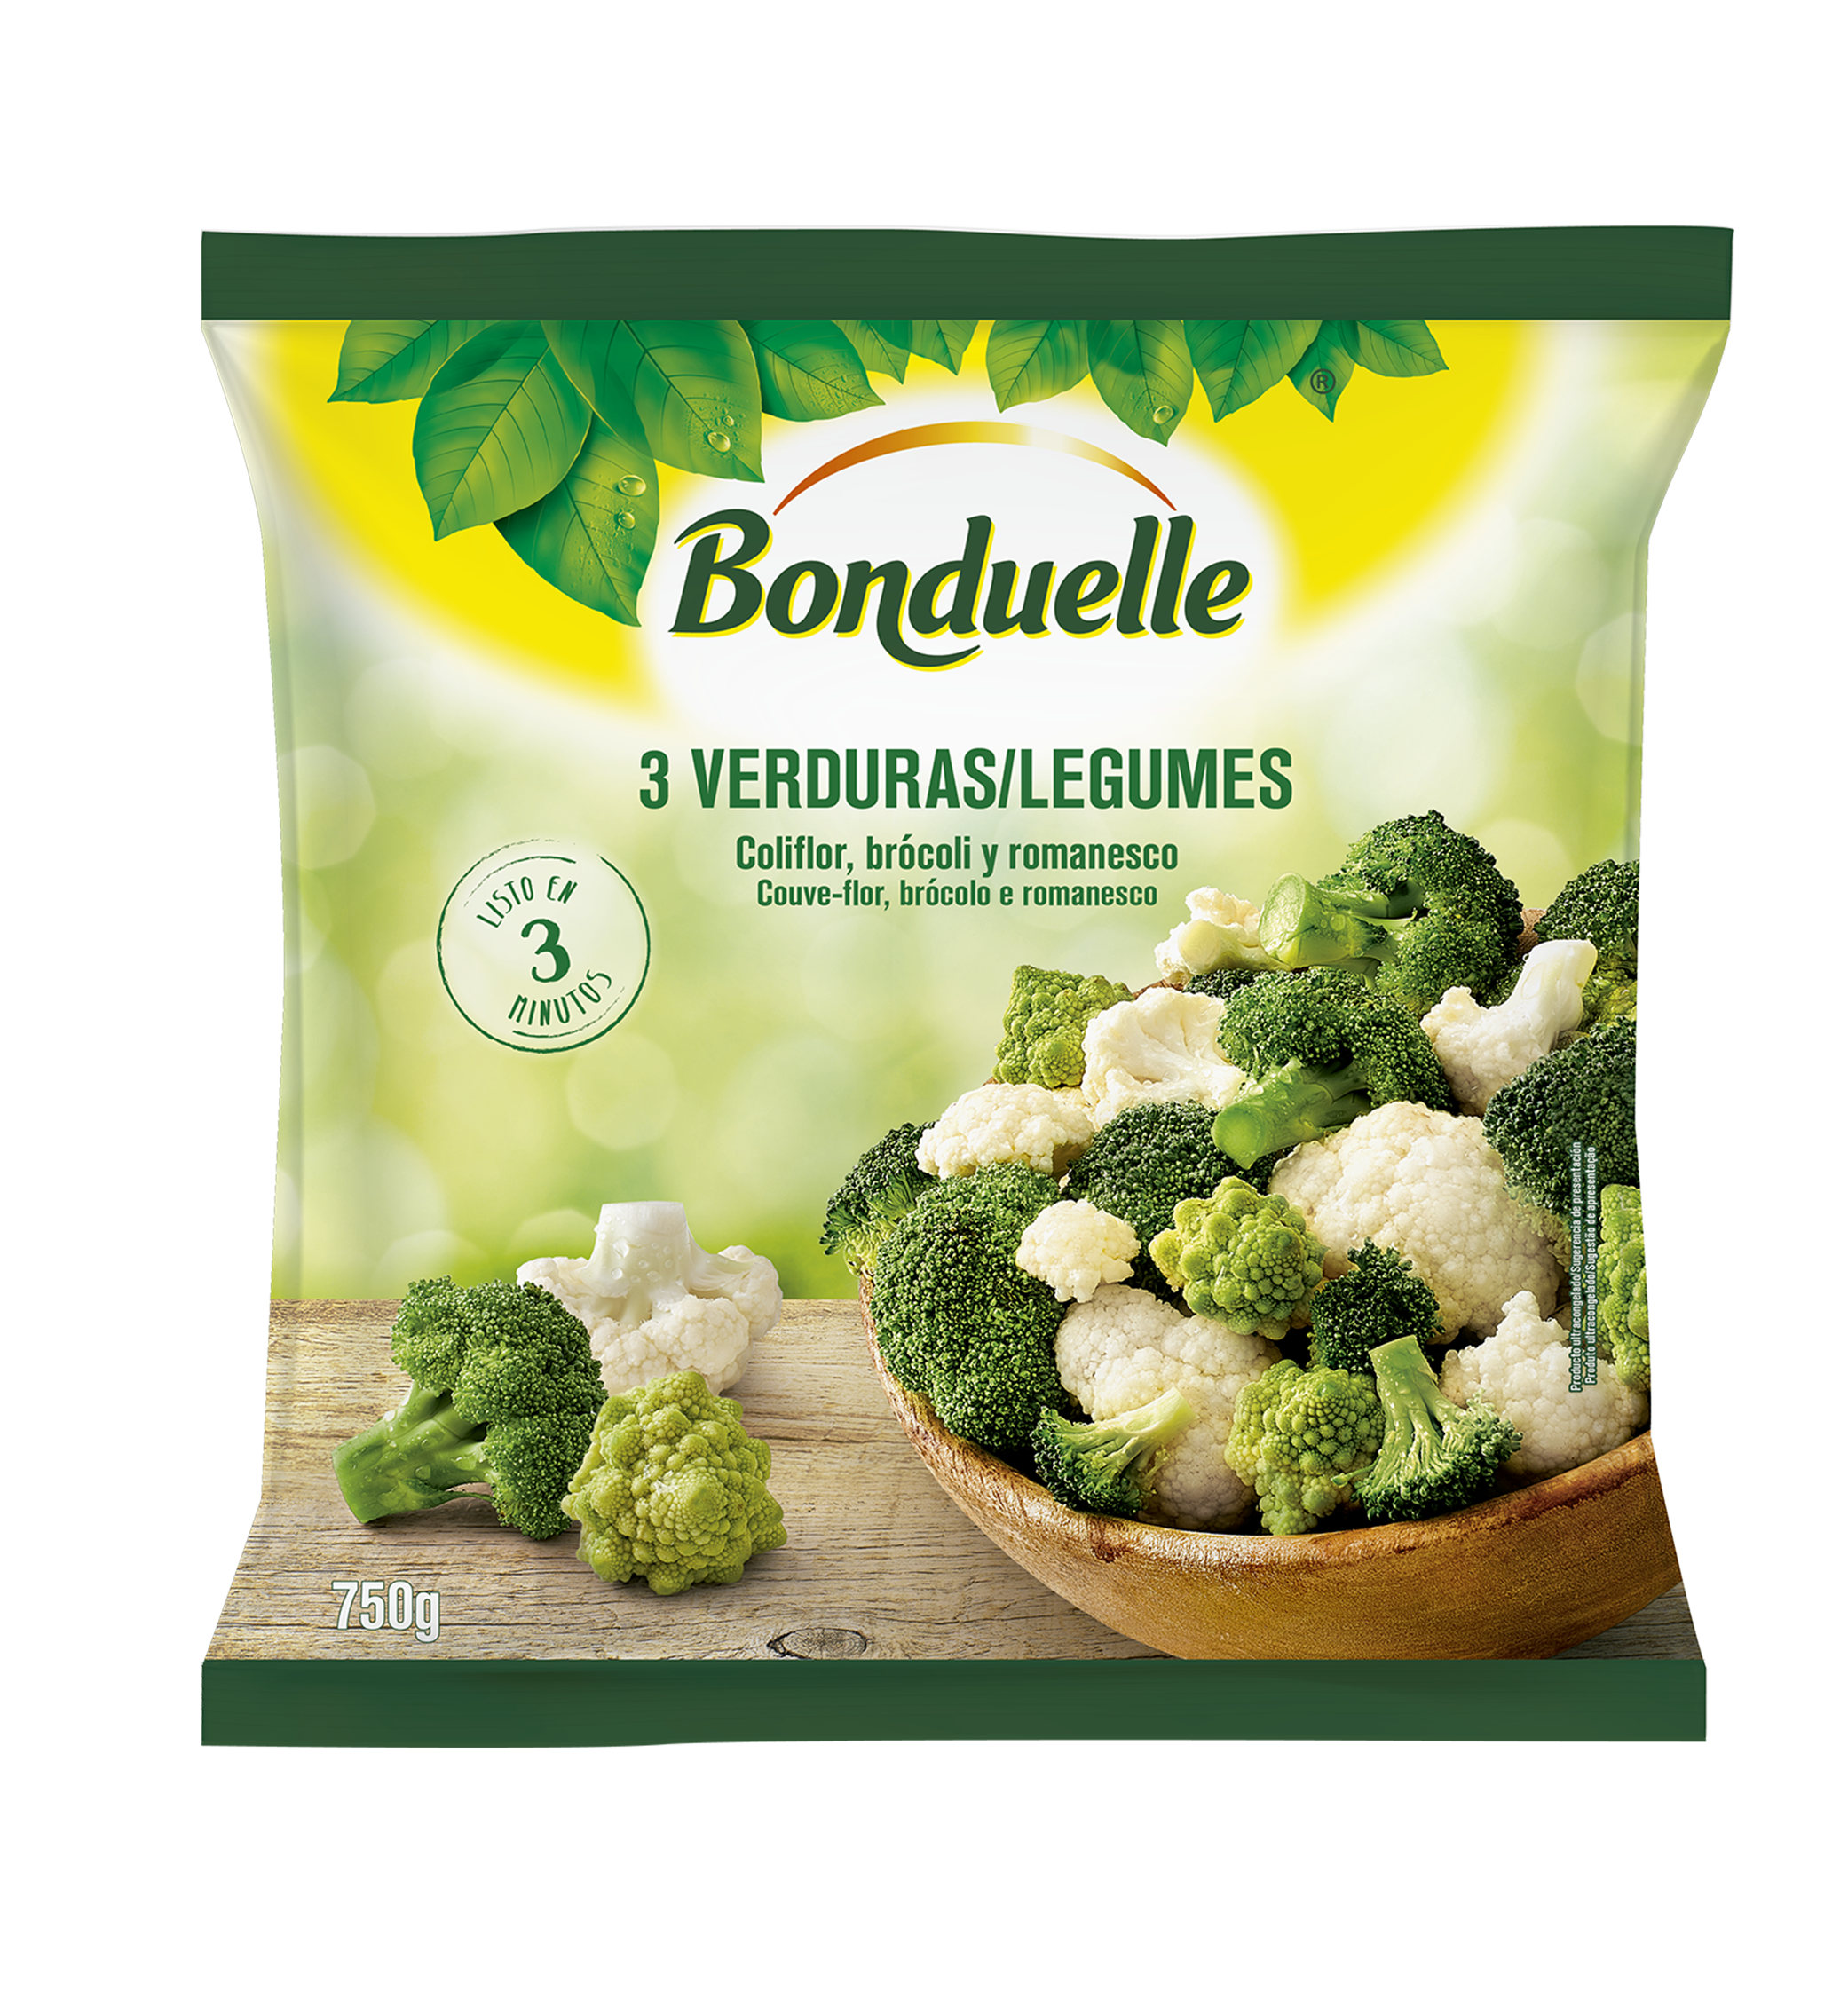 3-legumes-couve-flor-bróculo-romanesco-natur+